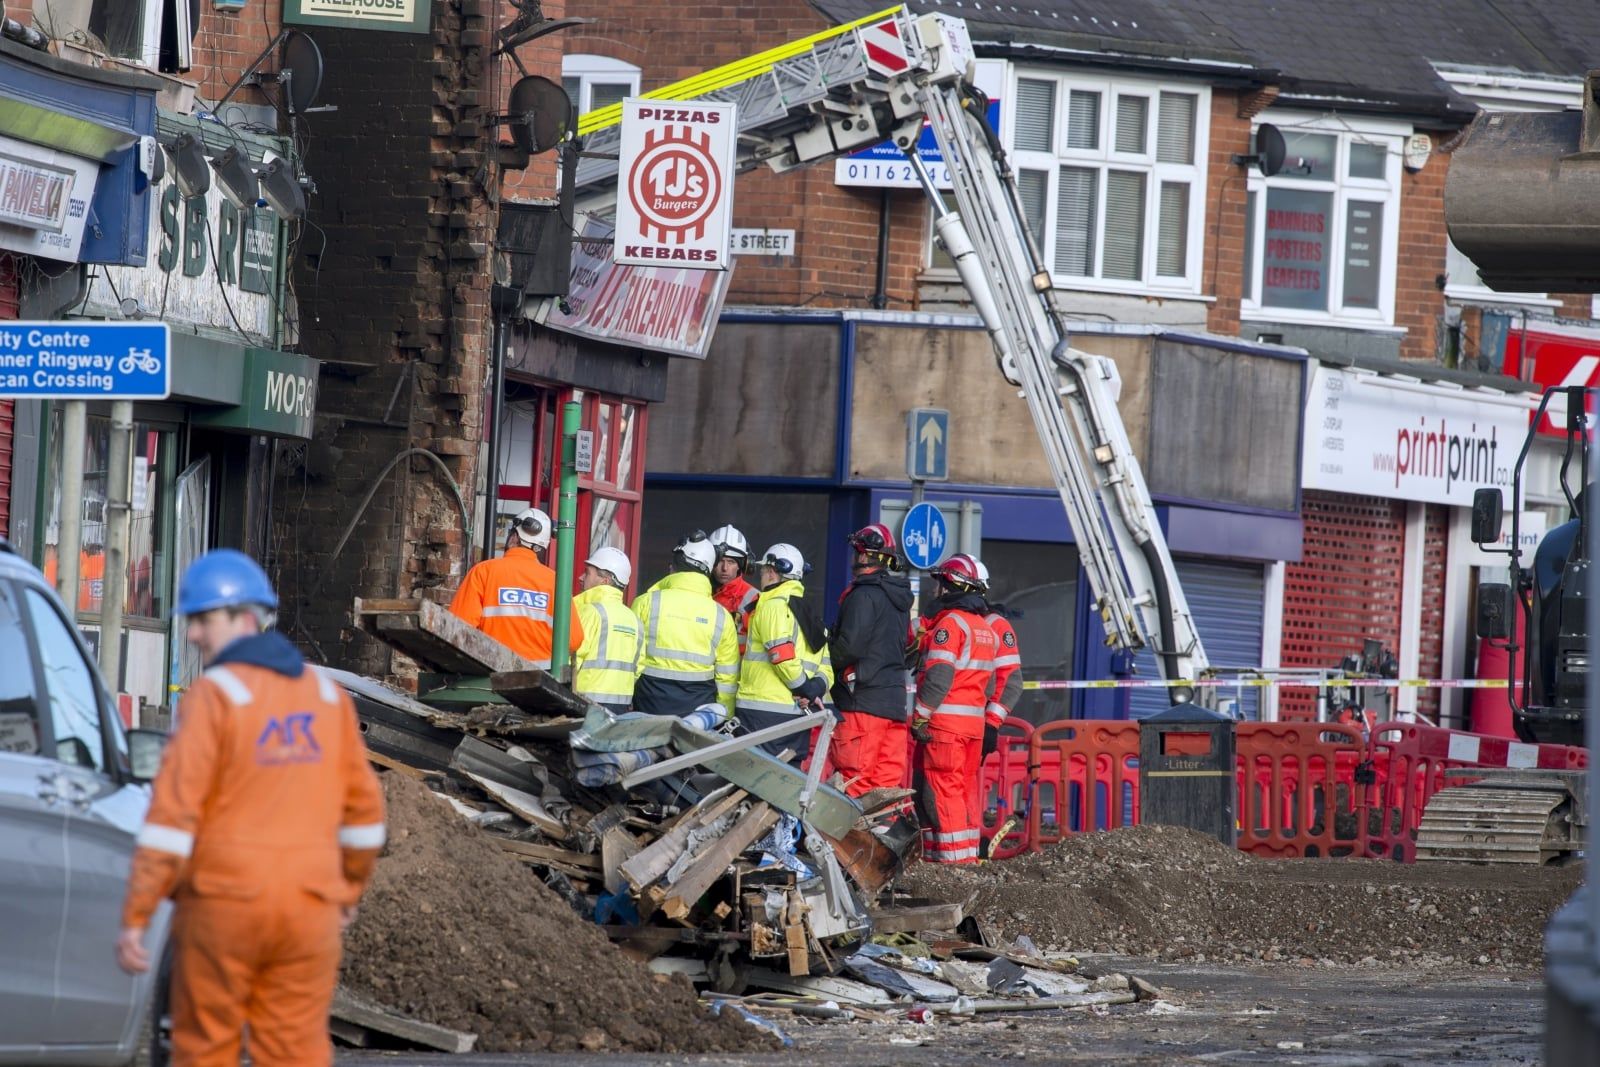 Wybuch w Hinckley Road Leicester w Wielkiej Brytanii, podczas którego zginęło 5 osób, fot. EPA/WILL OLIVER